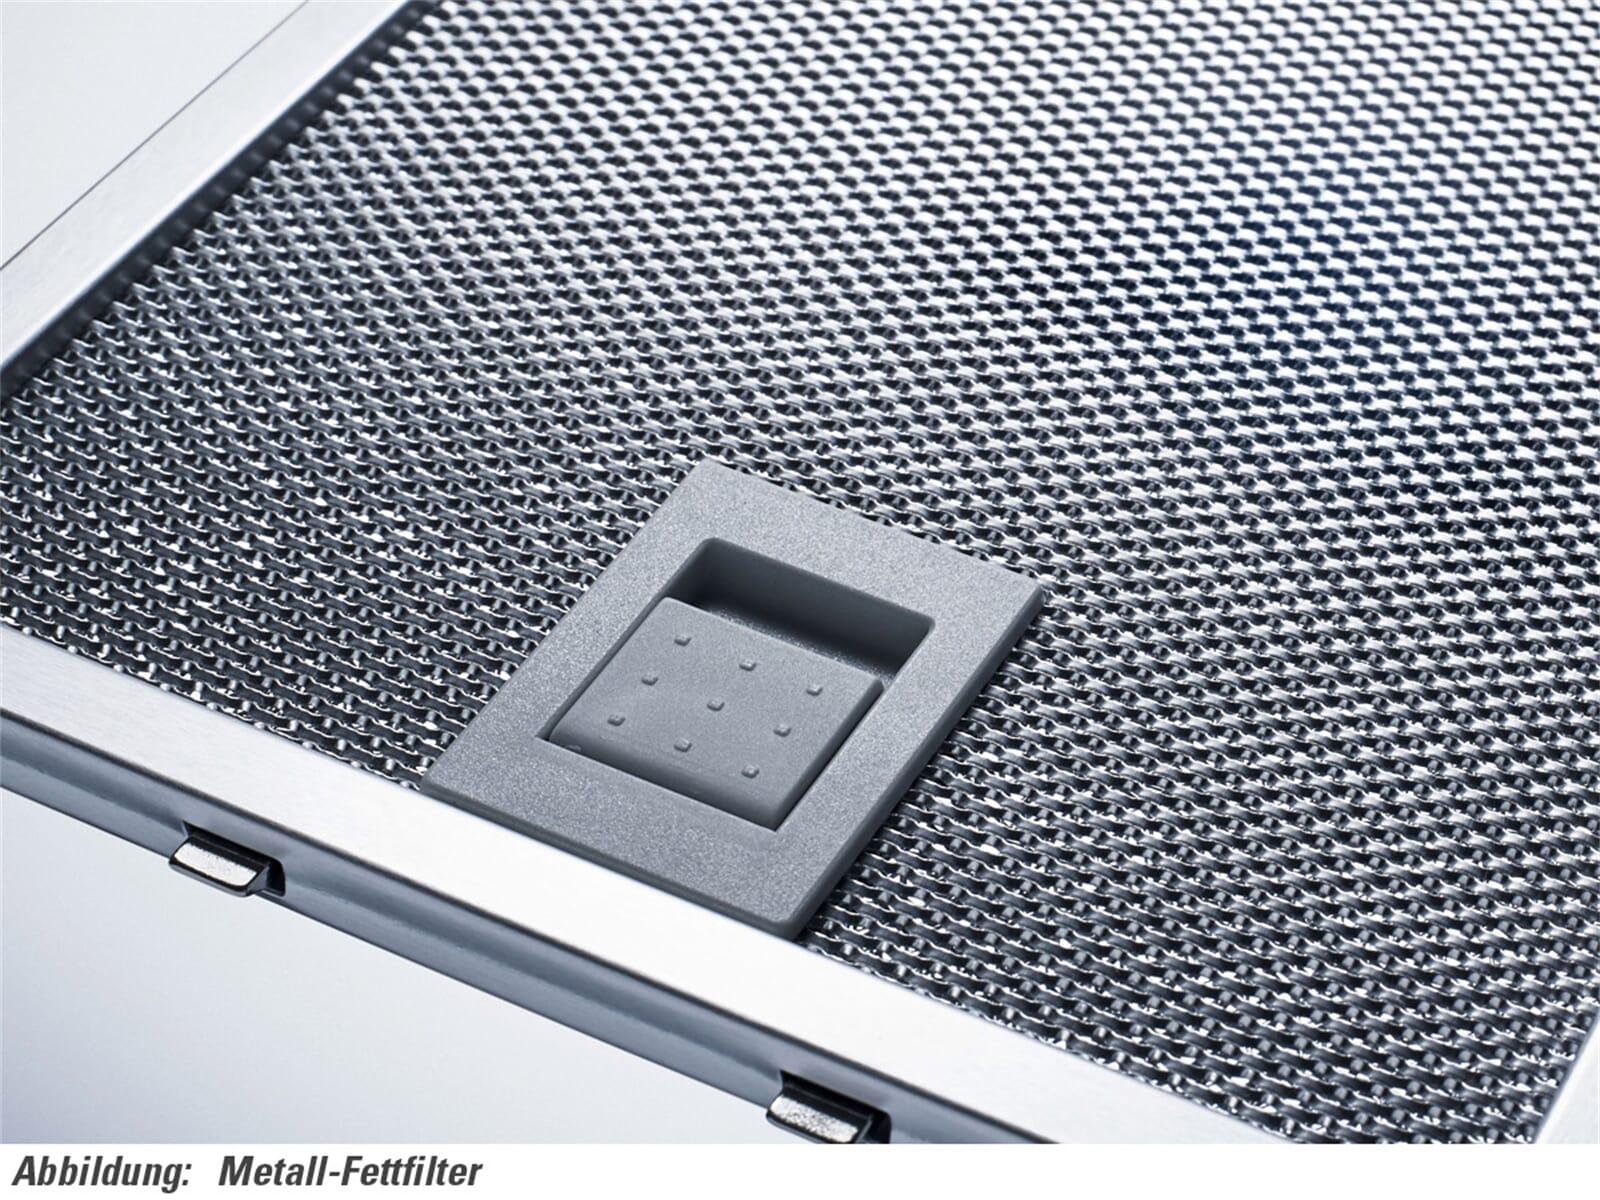 Ikea dunstabzugshaube filter reinigen afvoerkanaal afzuigkap